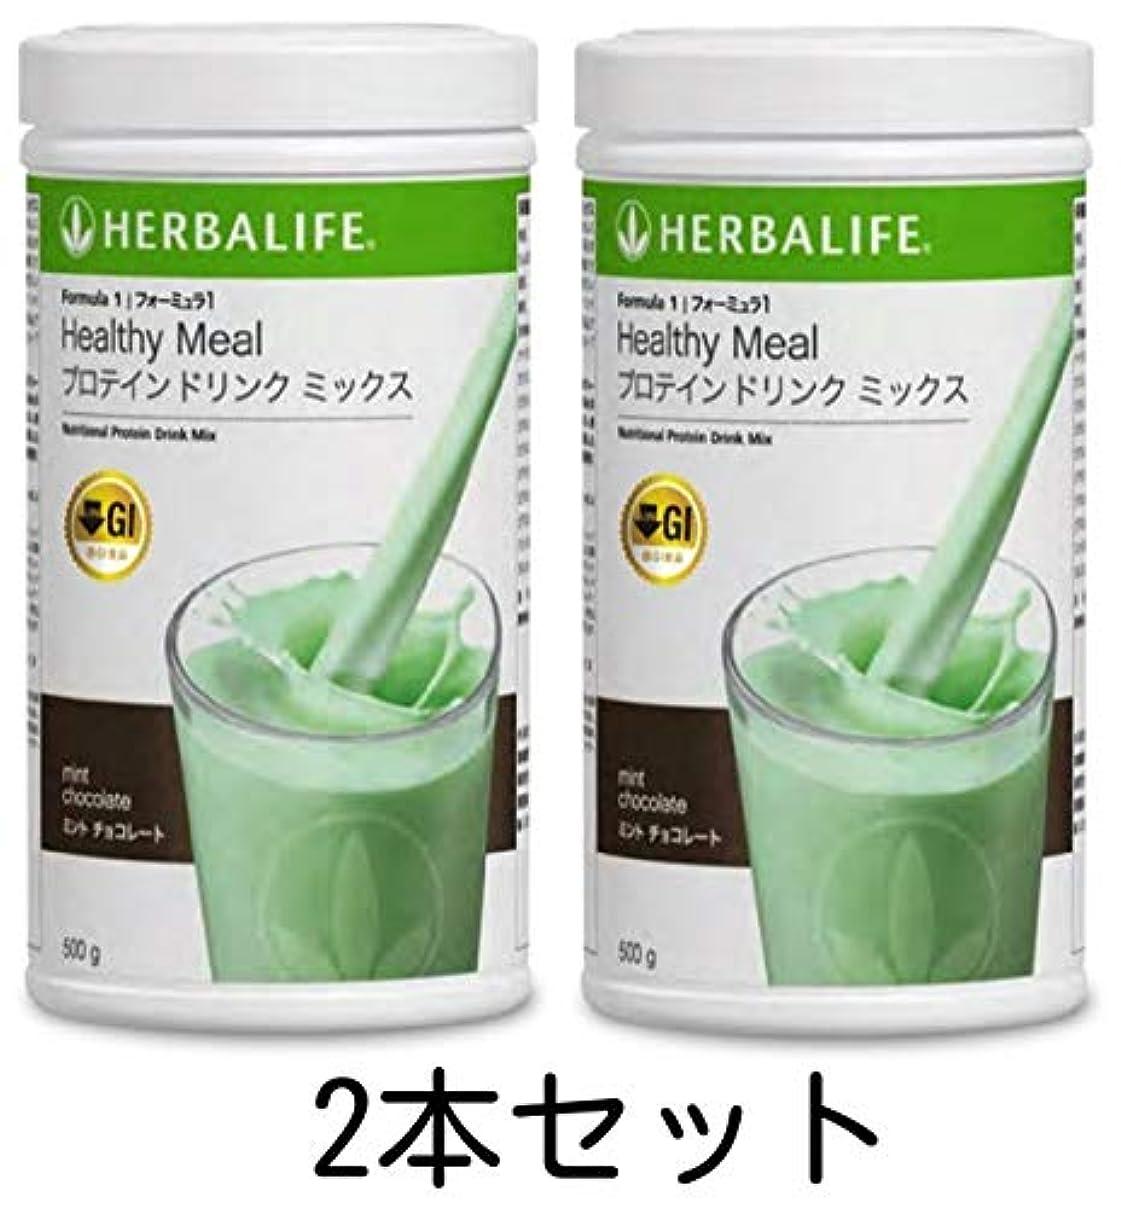 にやにや受粉する効果的ハーバライフ フォーミュラ1 プロテインドリンクミックス ミントチョコレート味 2本セット 限定